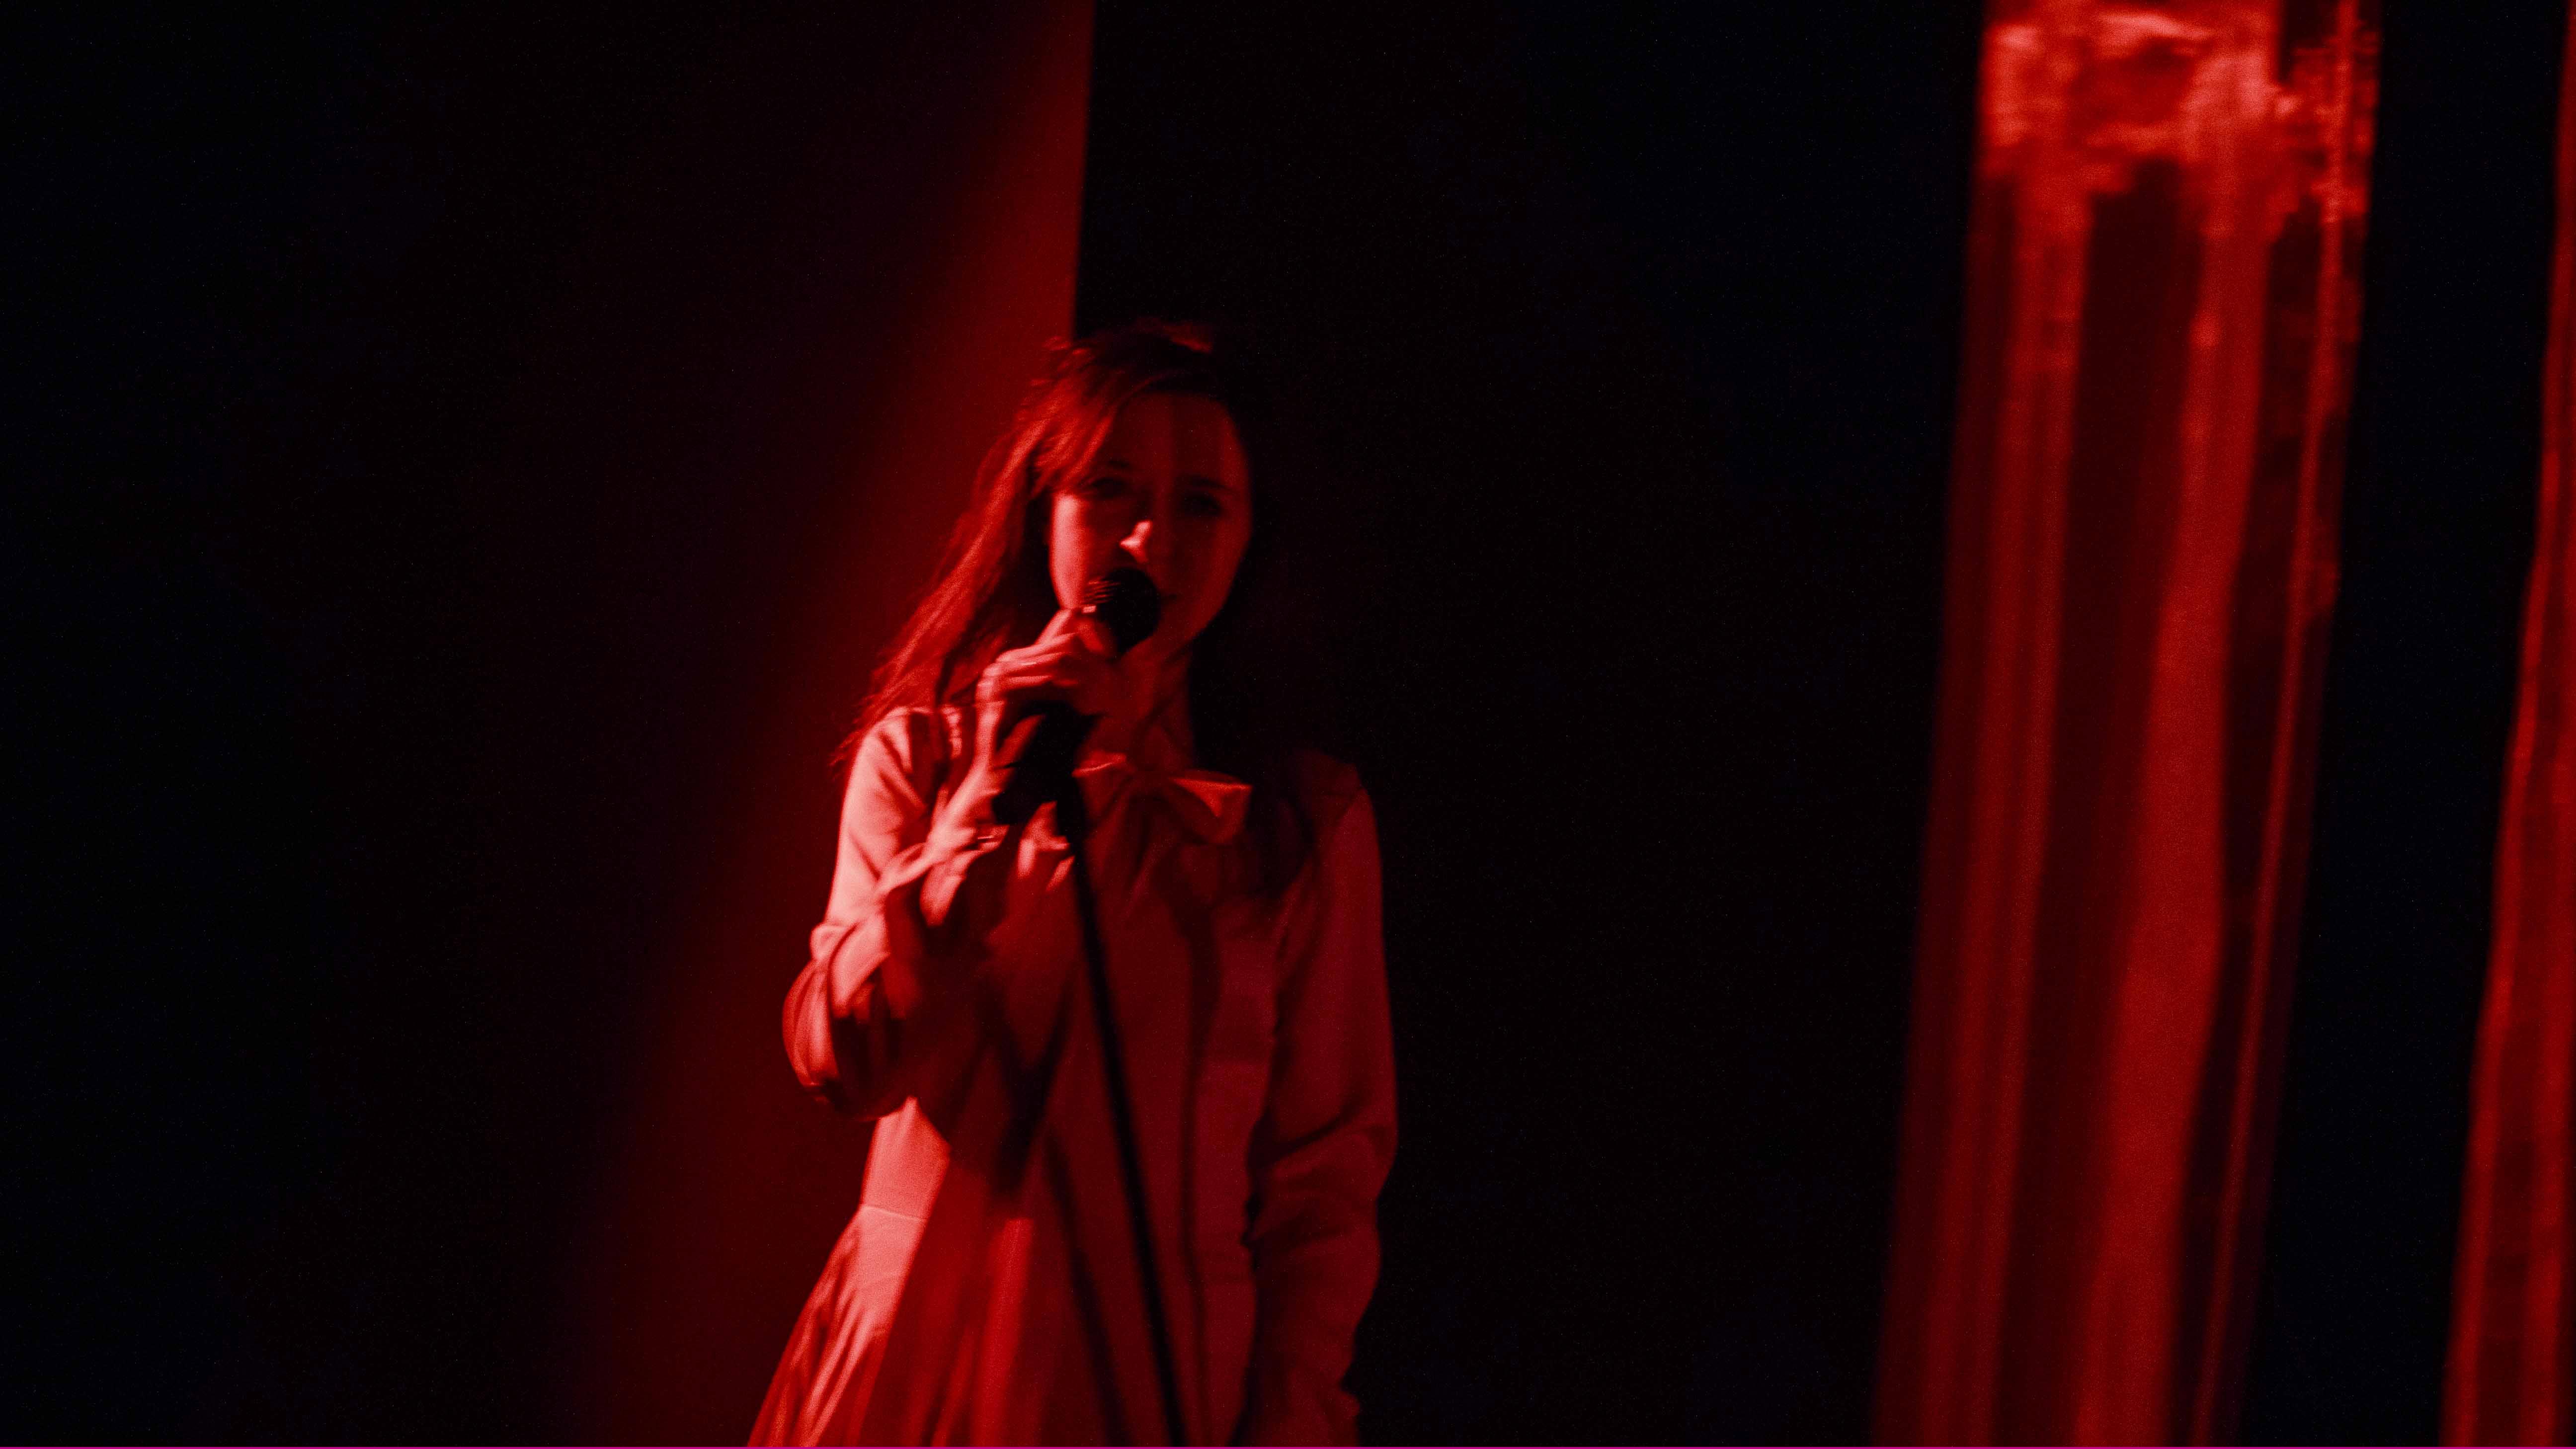 Zdjęcie do spektaklu Dobroć nasza dobroć. Aktorka w czerwonym świetle śpiewa do mikrofonu.